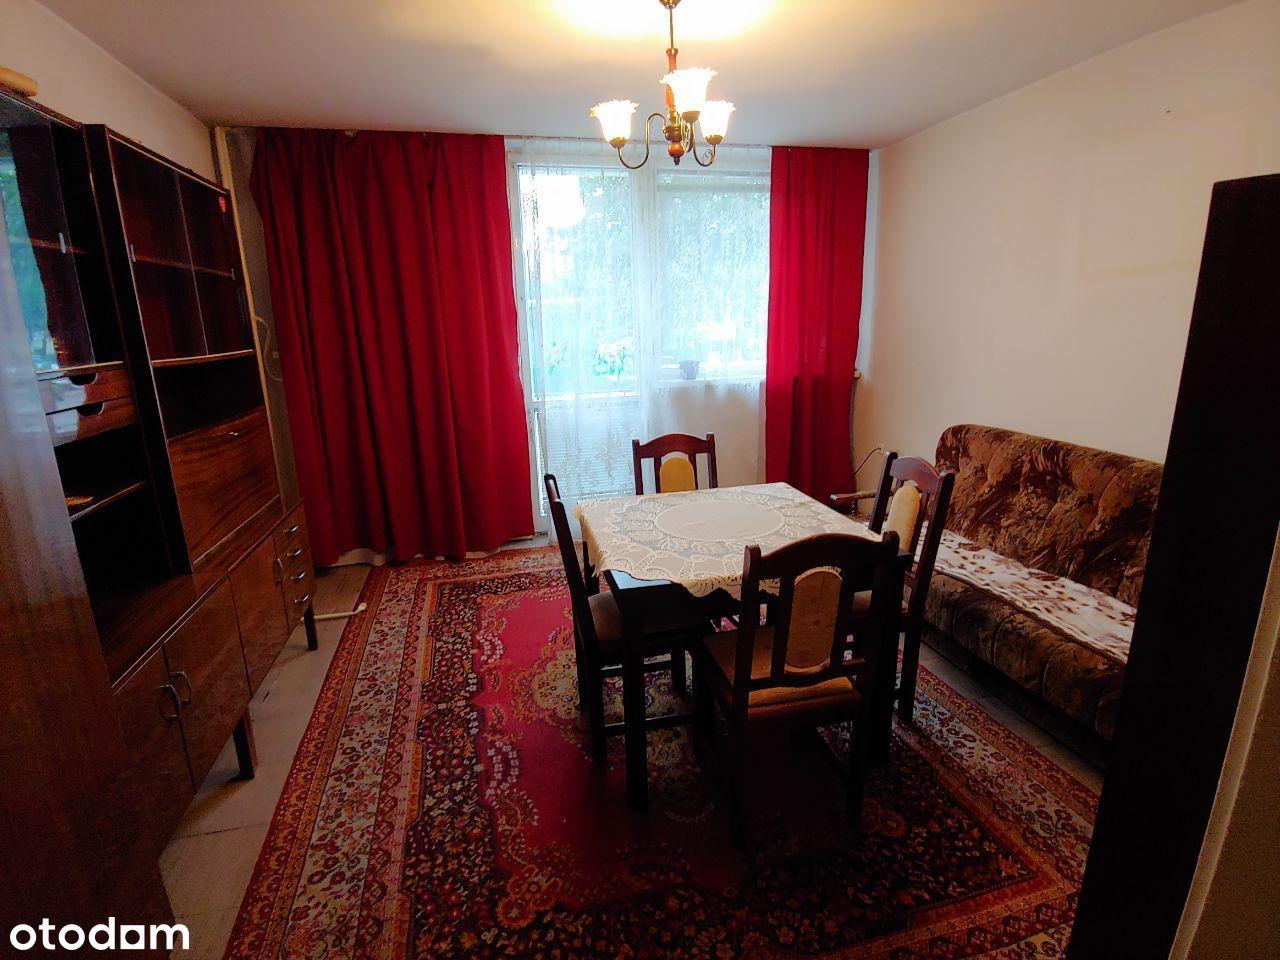 Sprzedam bezpośrednio mieszkanie 38m2